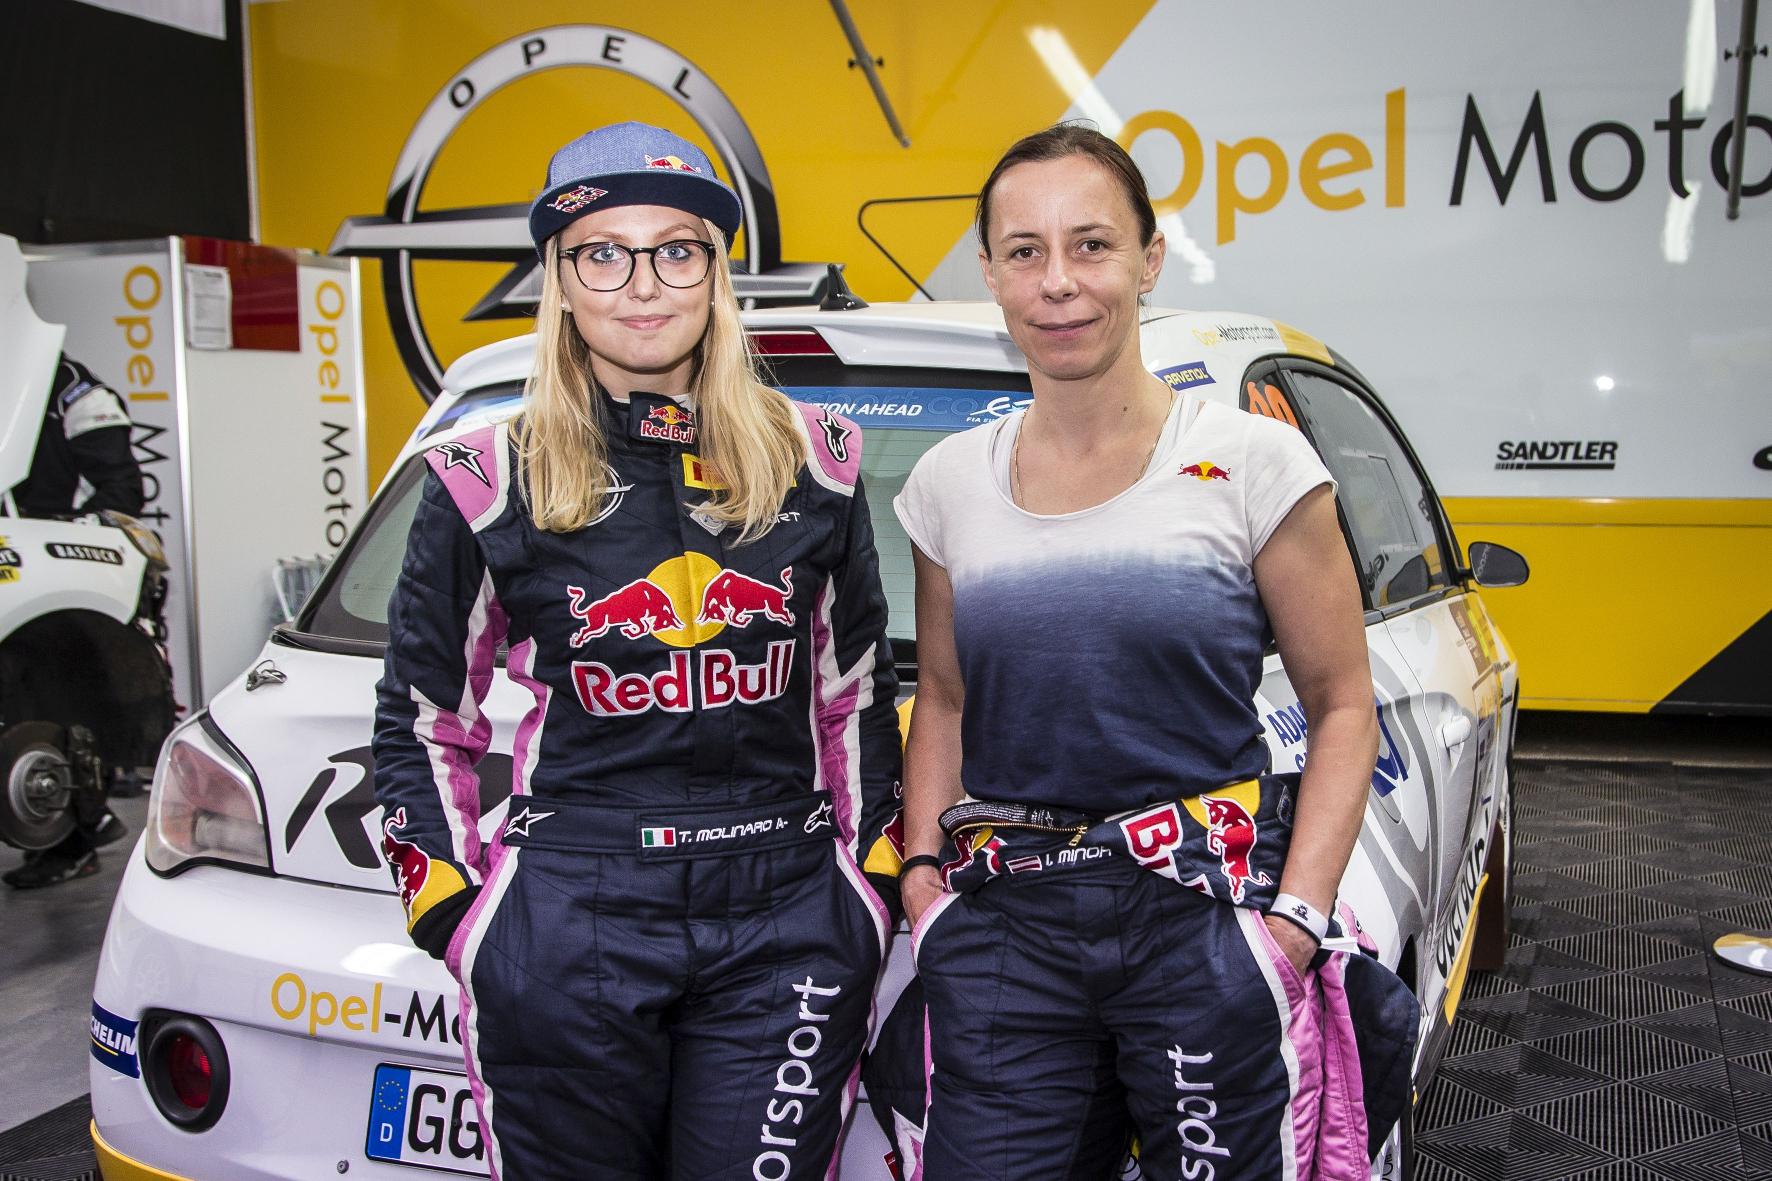 Damenteam - diesmal noch im Vorausfahrzeug: Das Duo Molinaro/Minor steht kurz vor seinem ersten Einsatz in regulärer Wertung.